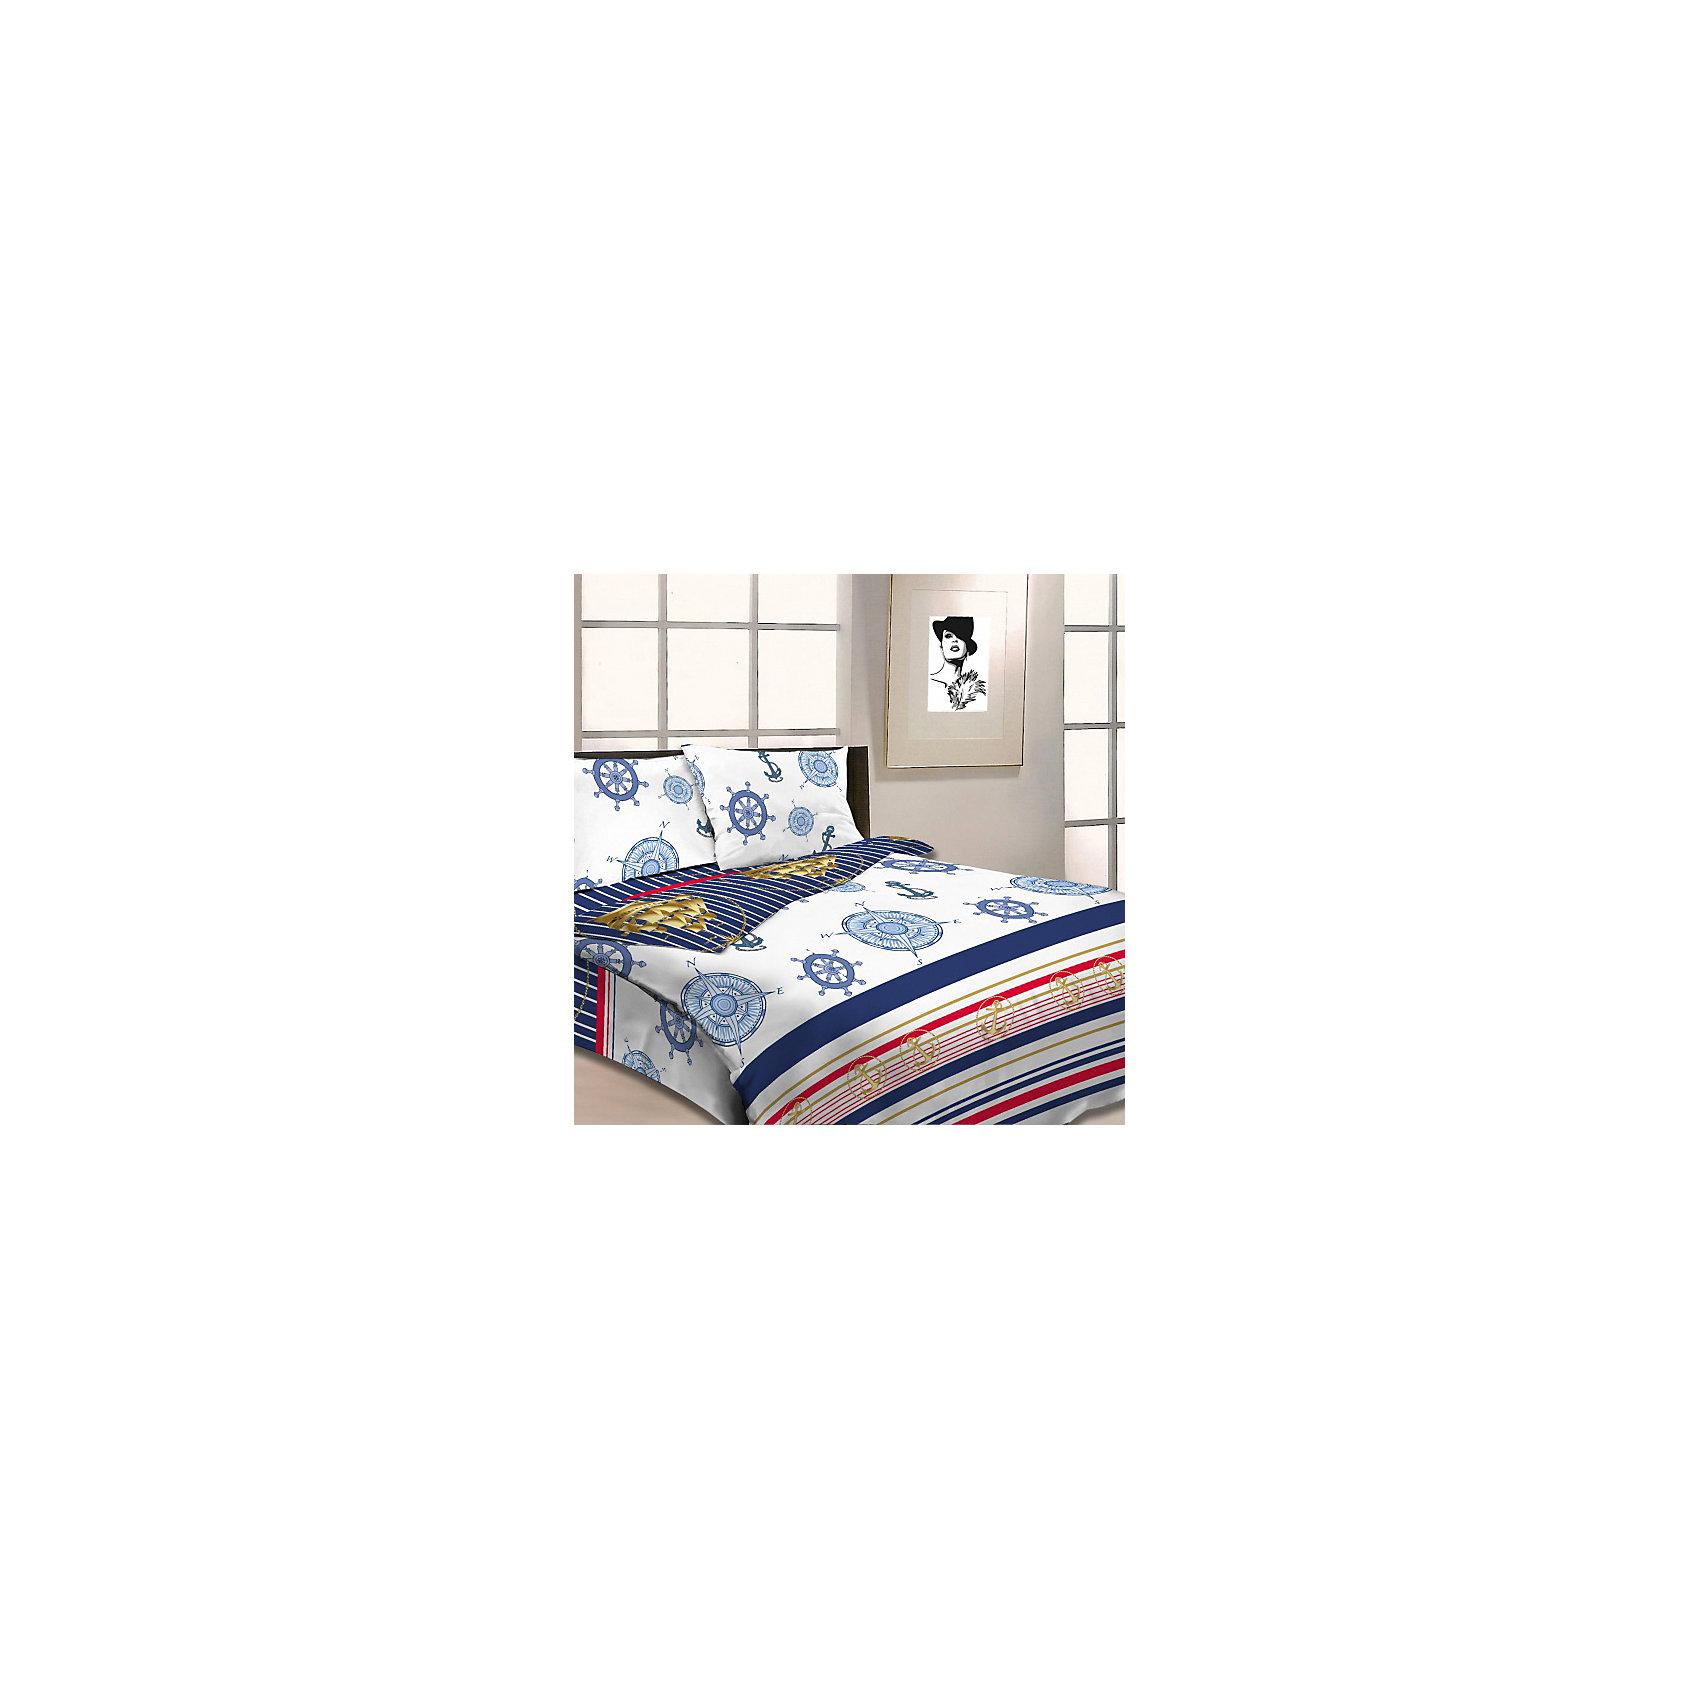 Letto Комплект Корабли 1,5-спальный (2 наволочки 70х70), Letto комплект белья letto народные узоры 1 5 спальный наволочки 70х70 цвет красный белый бордовый